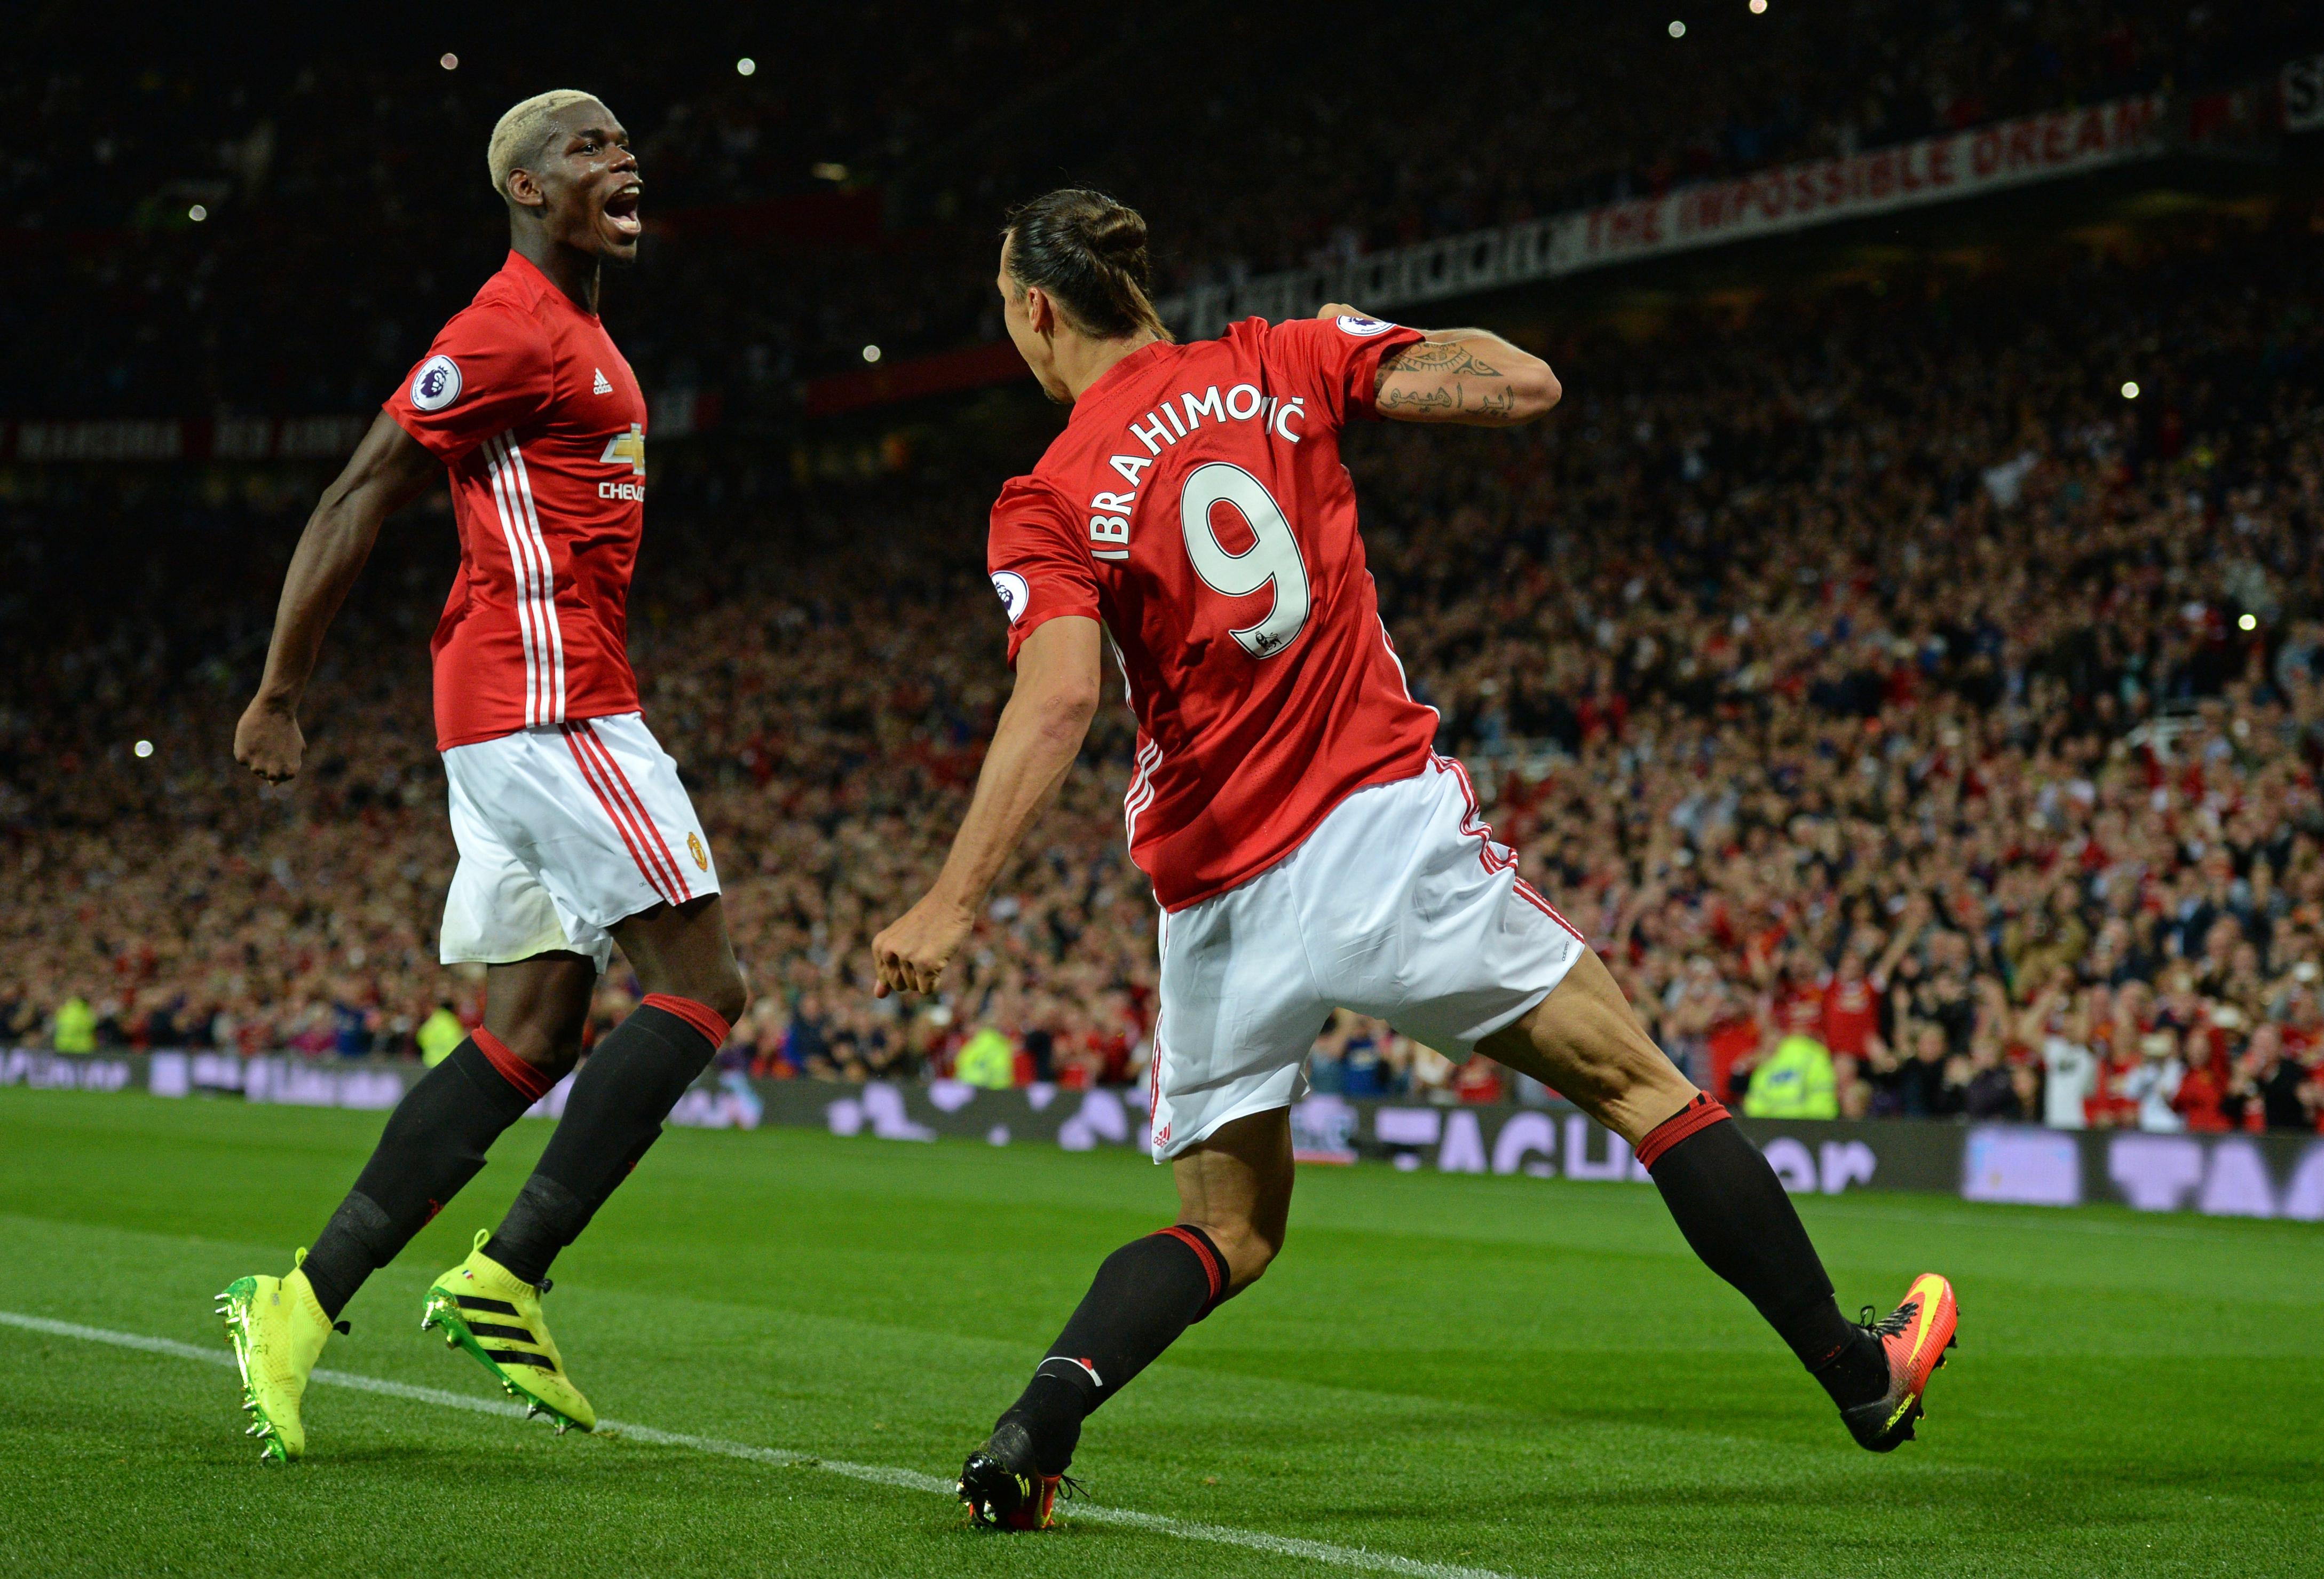 Friss hírek: Hátrányból fordítva nyert, és jutott a legjobb nyolc közé a Manchester United az angol labdarúgó FA-kupában.